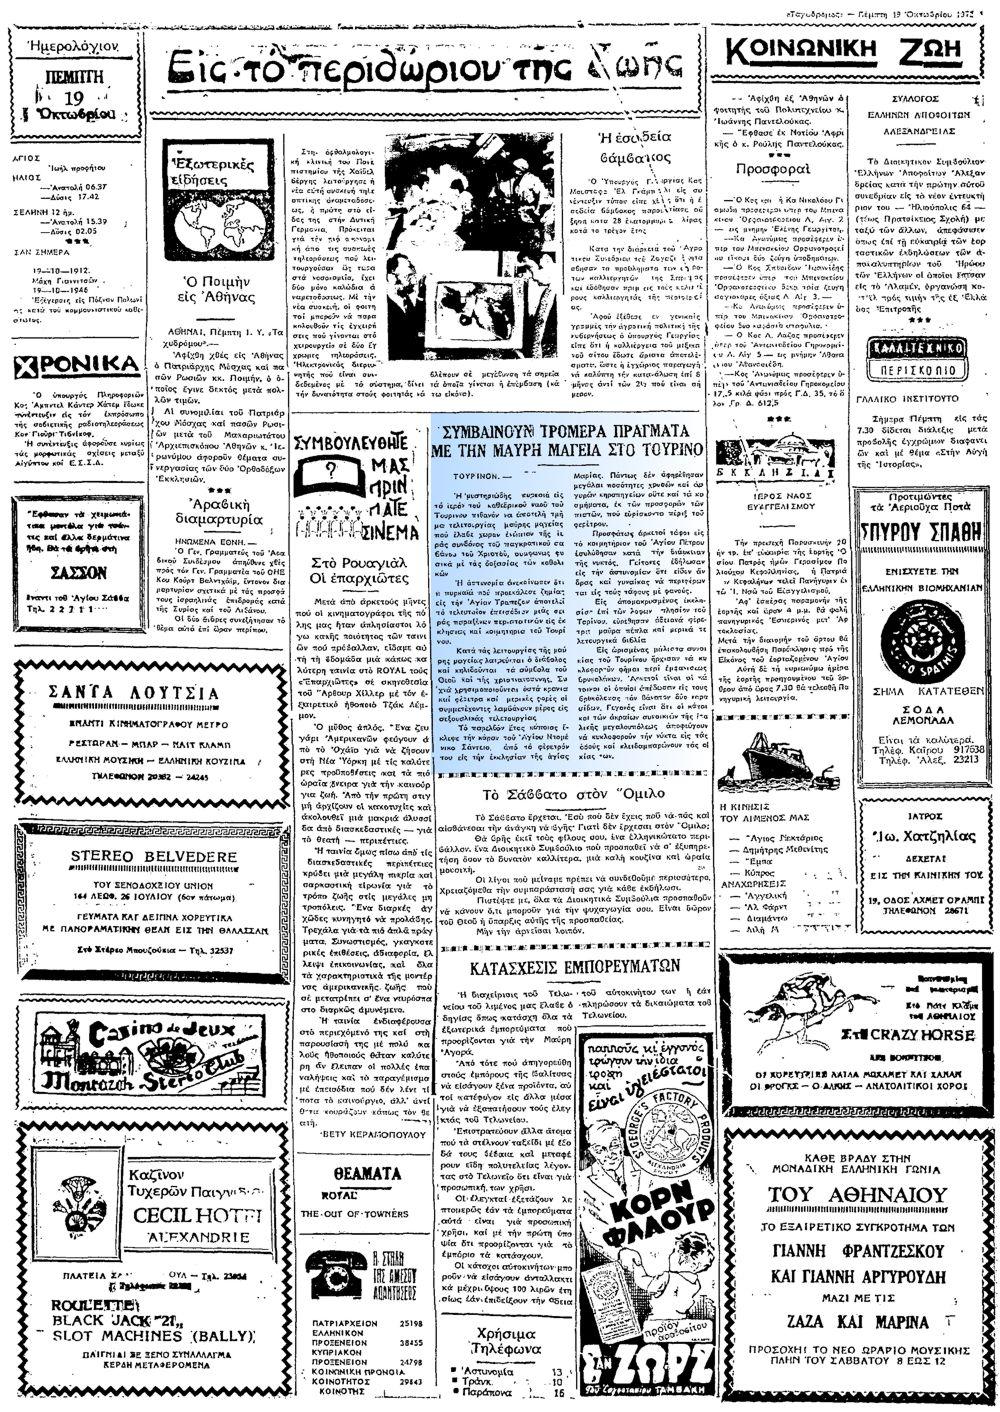 """Το άρθρο, όπως δημοσιεύθηκε στην εφημερίδα """"ΤΑΧΥΔΡΟΜΟΣ"""", στις 19/10/1972"""